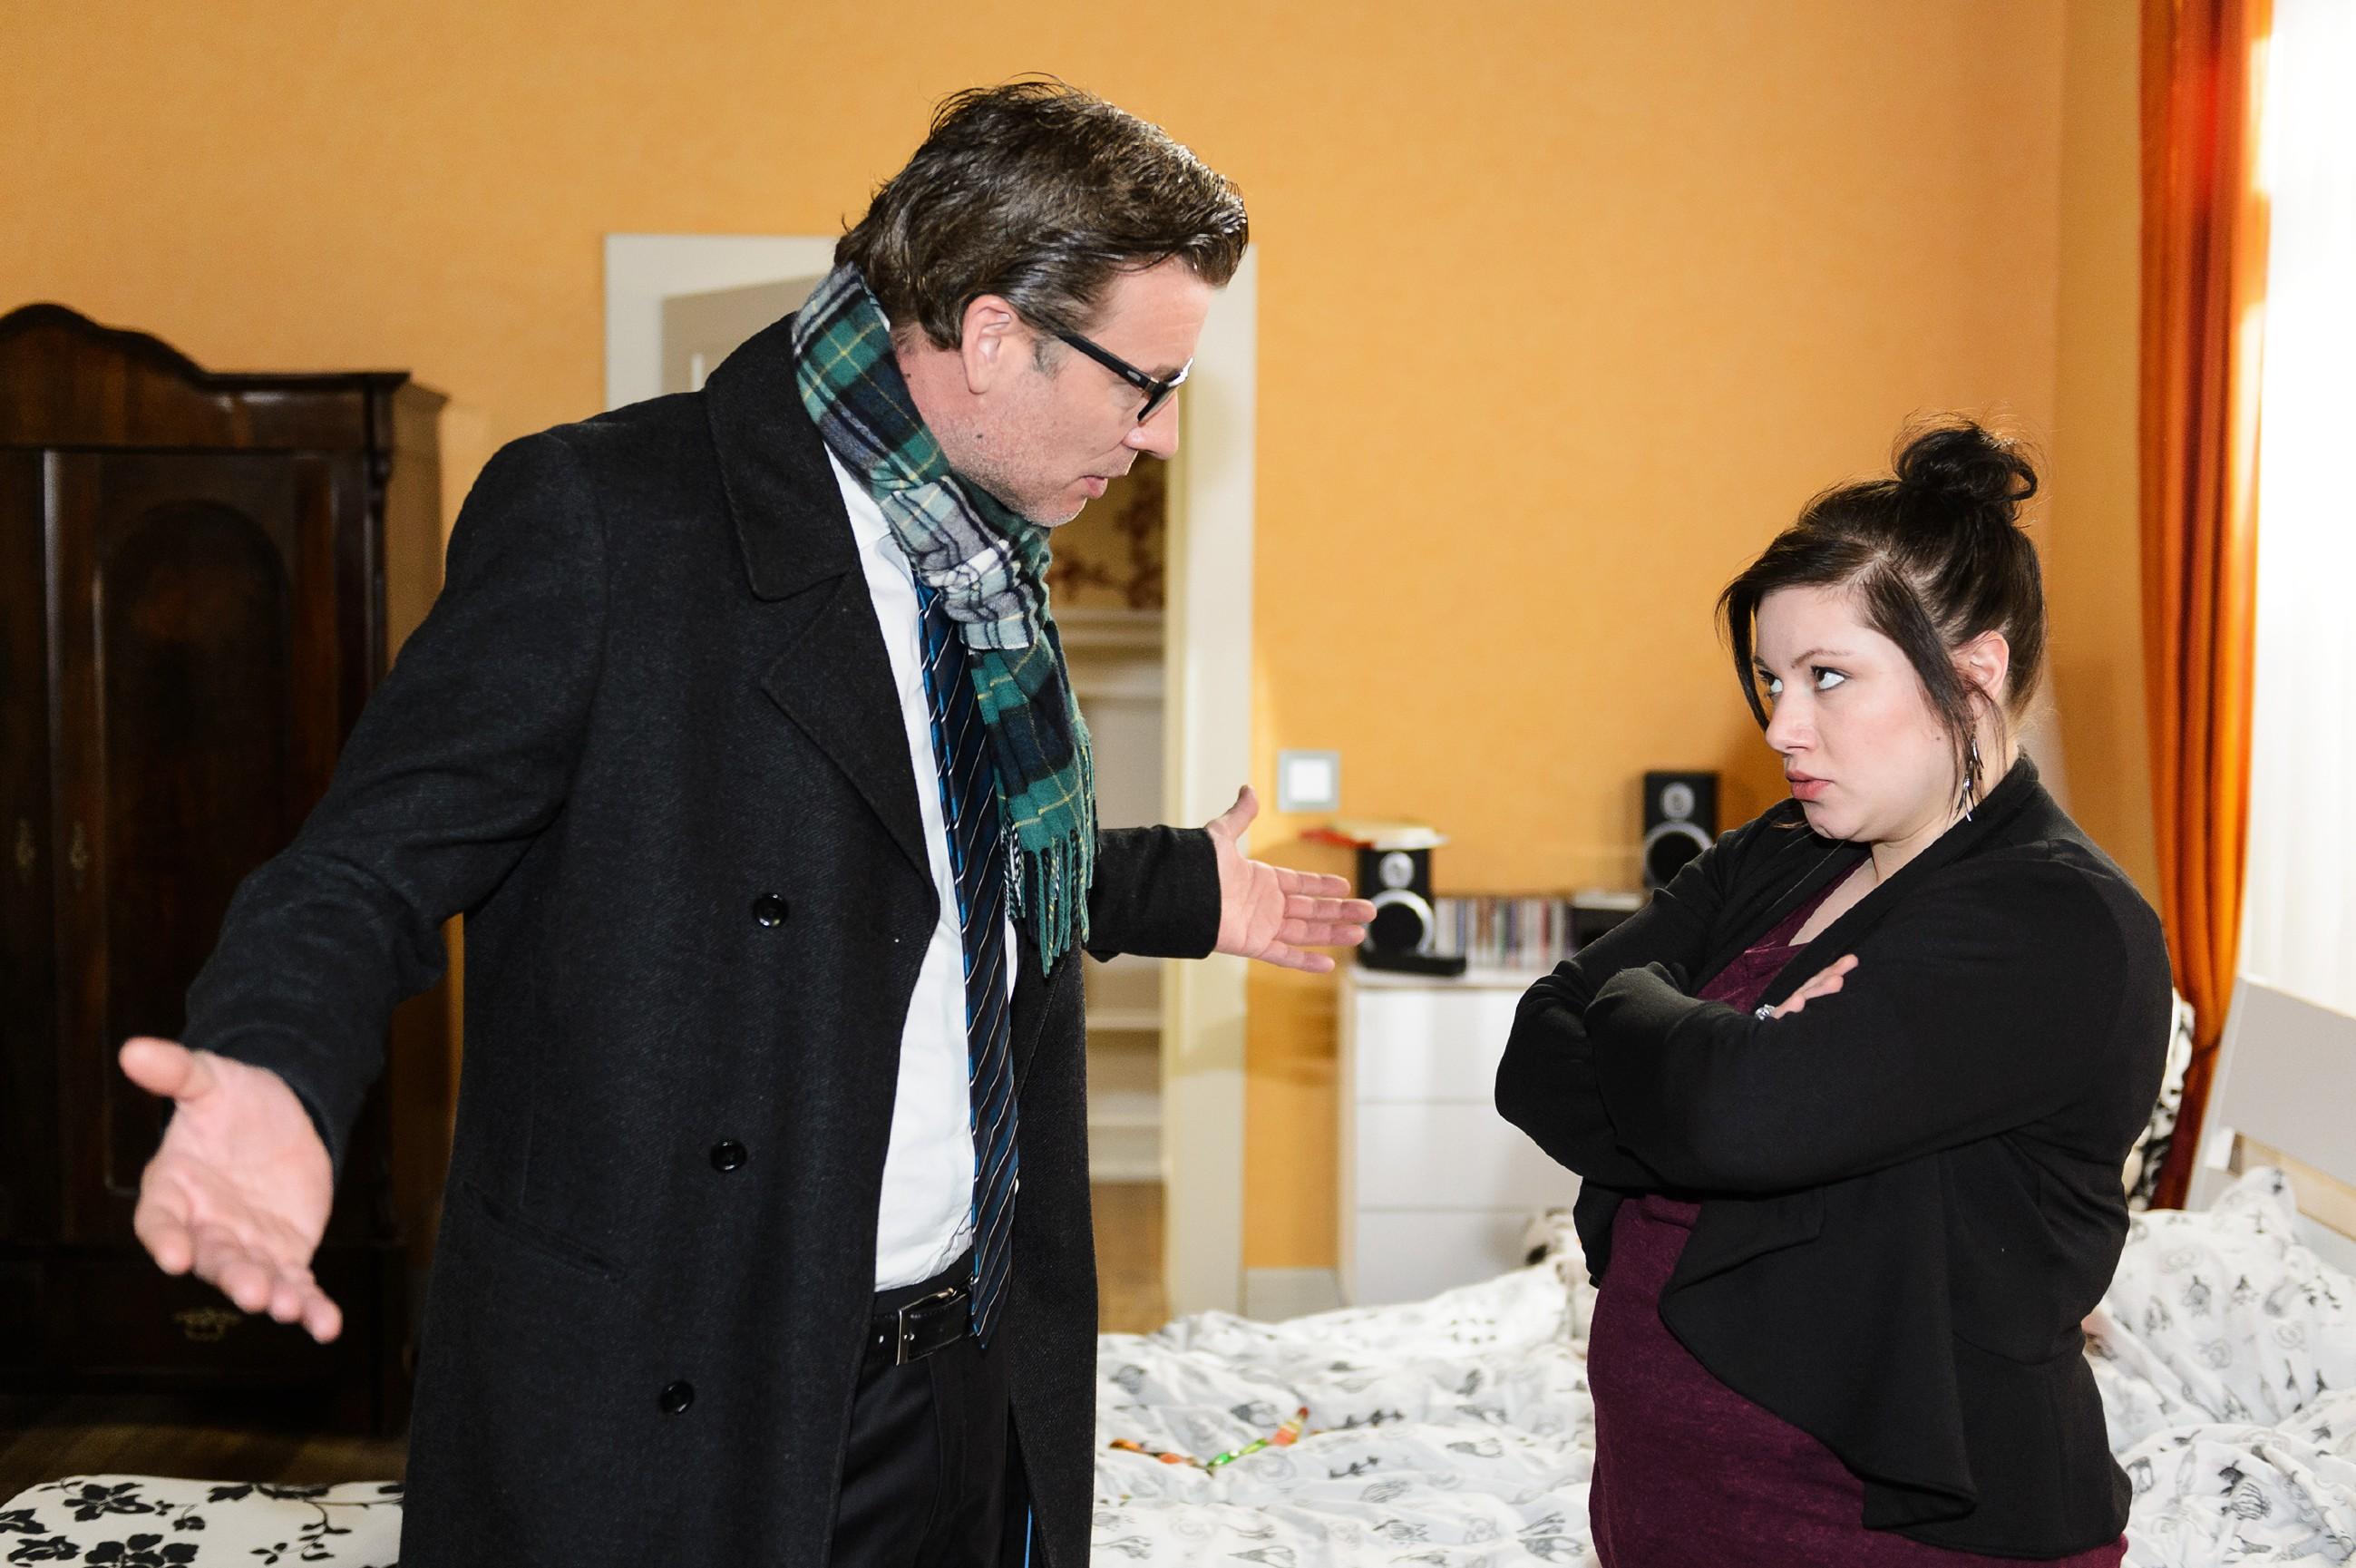 Als Vanessa (Julia Augustin) stur bei ihrer Idee vom Freifahrtschein bleibt, geht Christoph (Lars Korten) scheinbar darauf ein. (Quelle: RTL / Willi Weber)